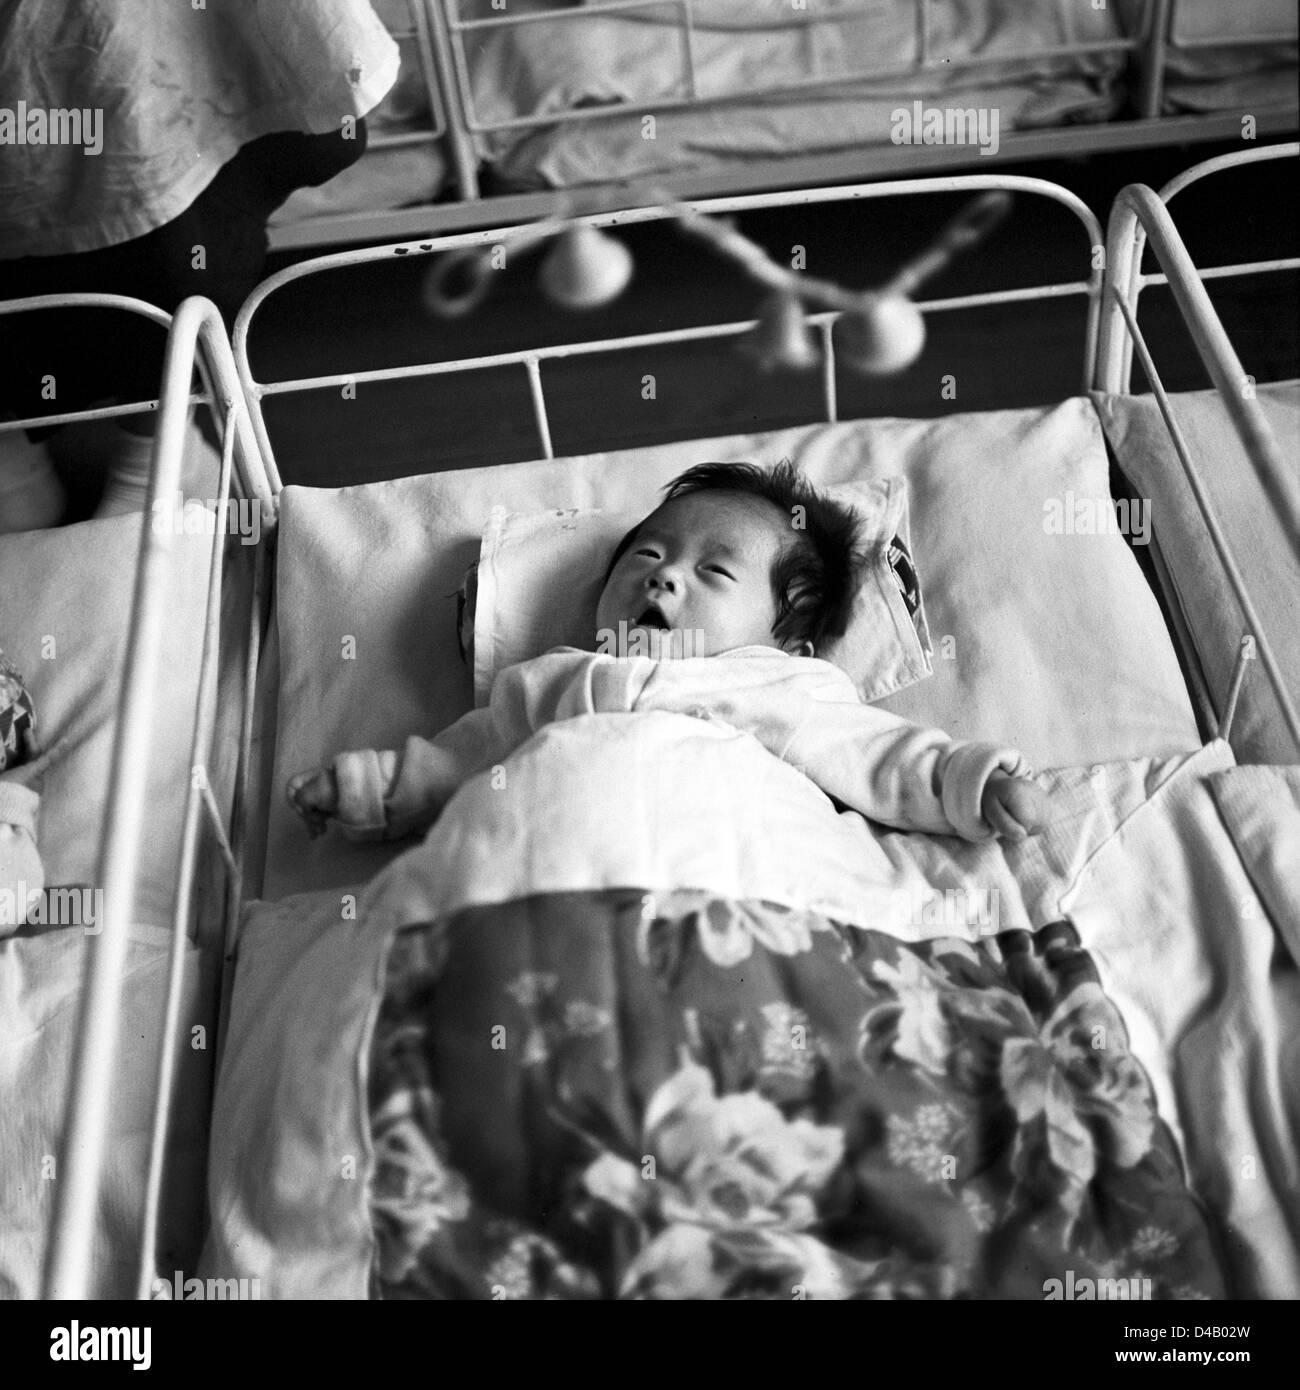 Ein Baby In Seinem Bett Liegt Und Hat Ein Blick Auf Die Kette Der